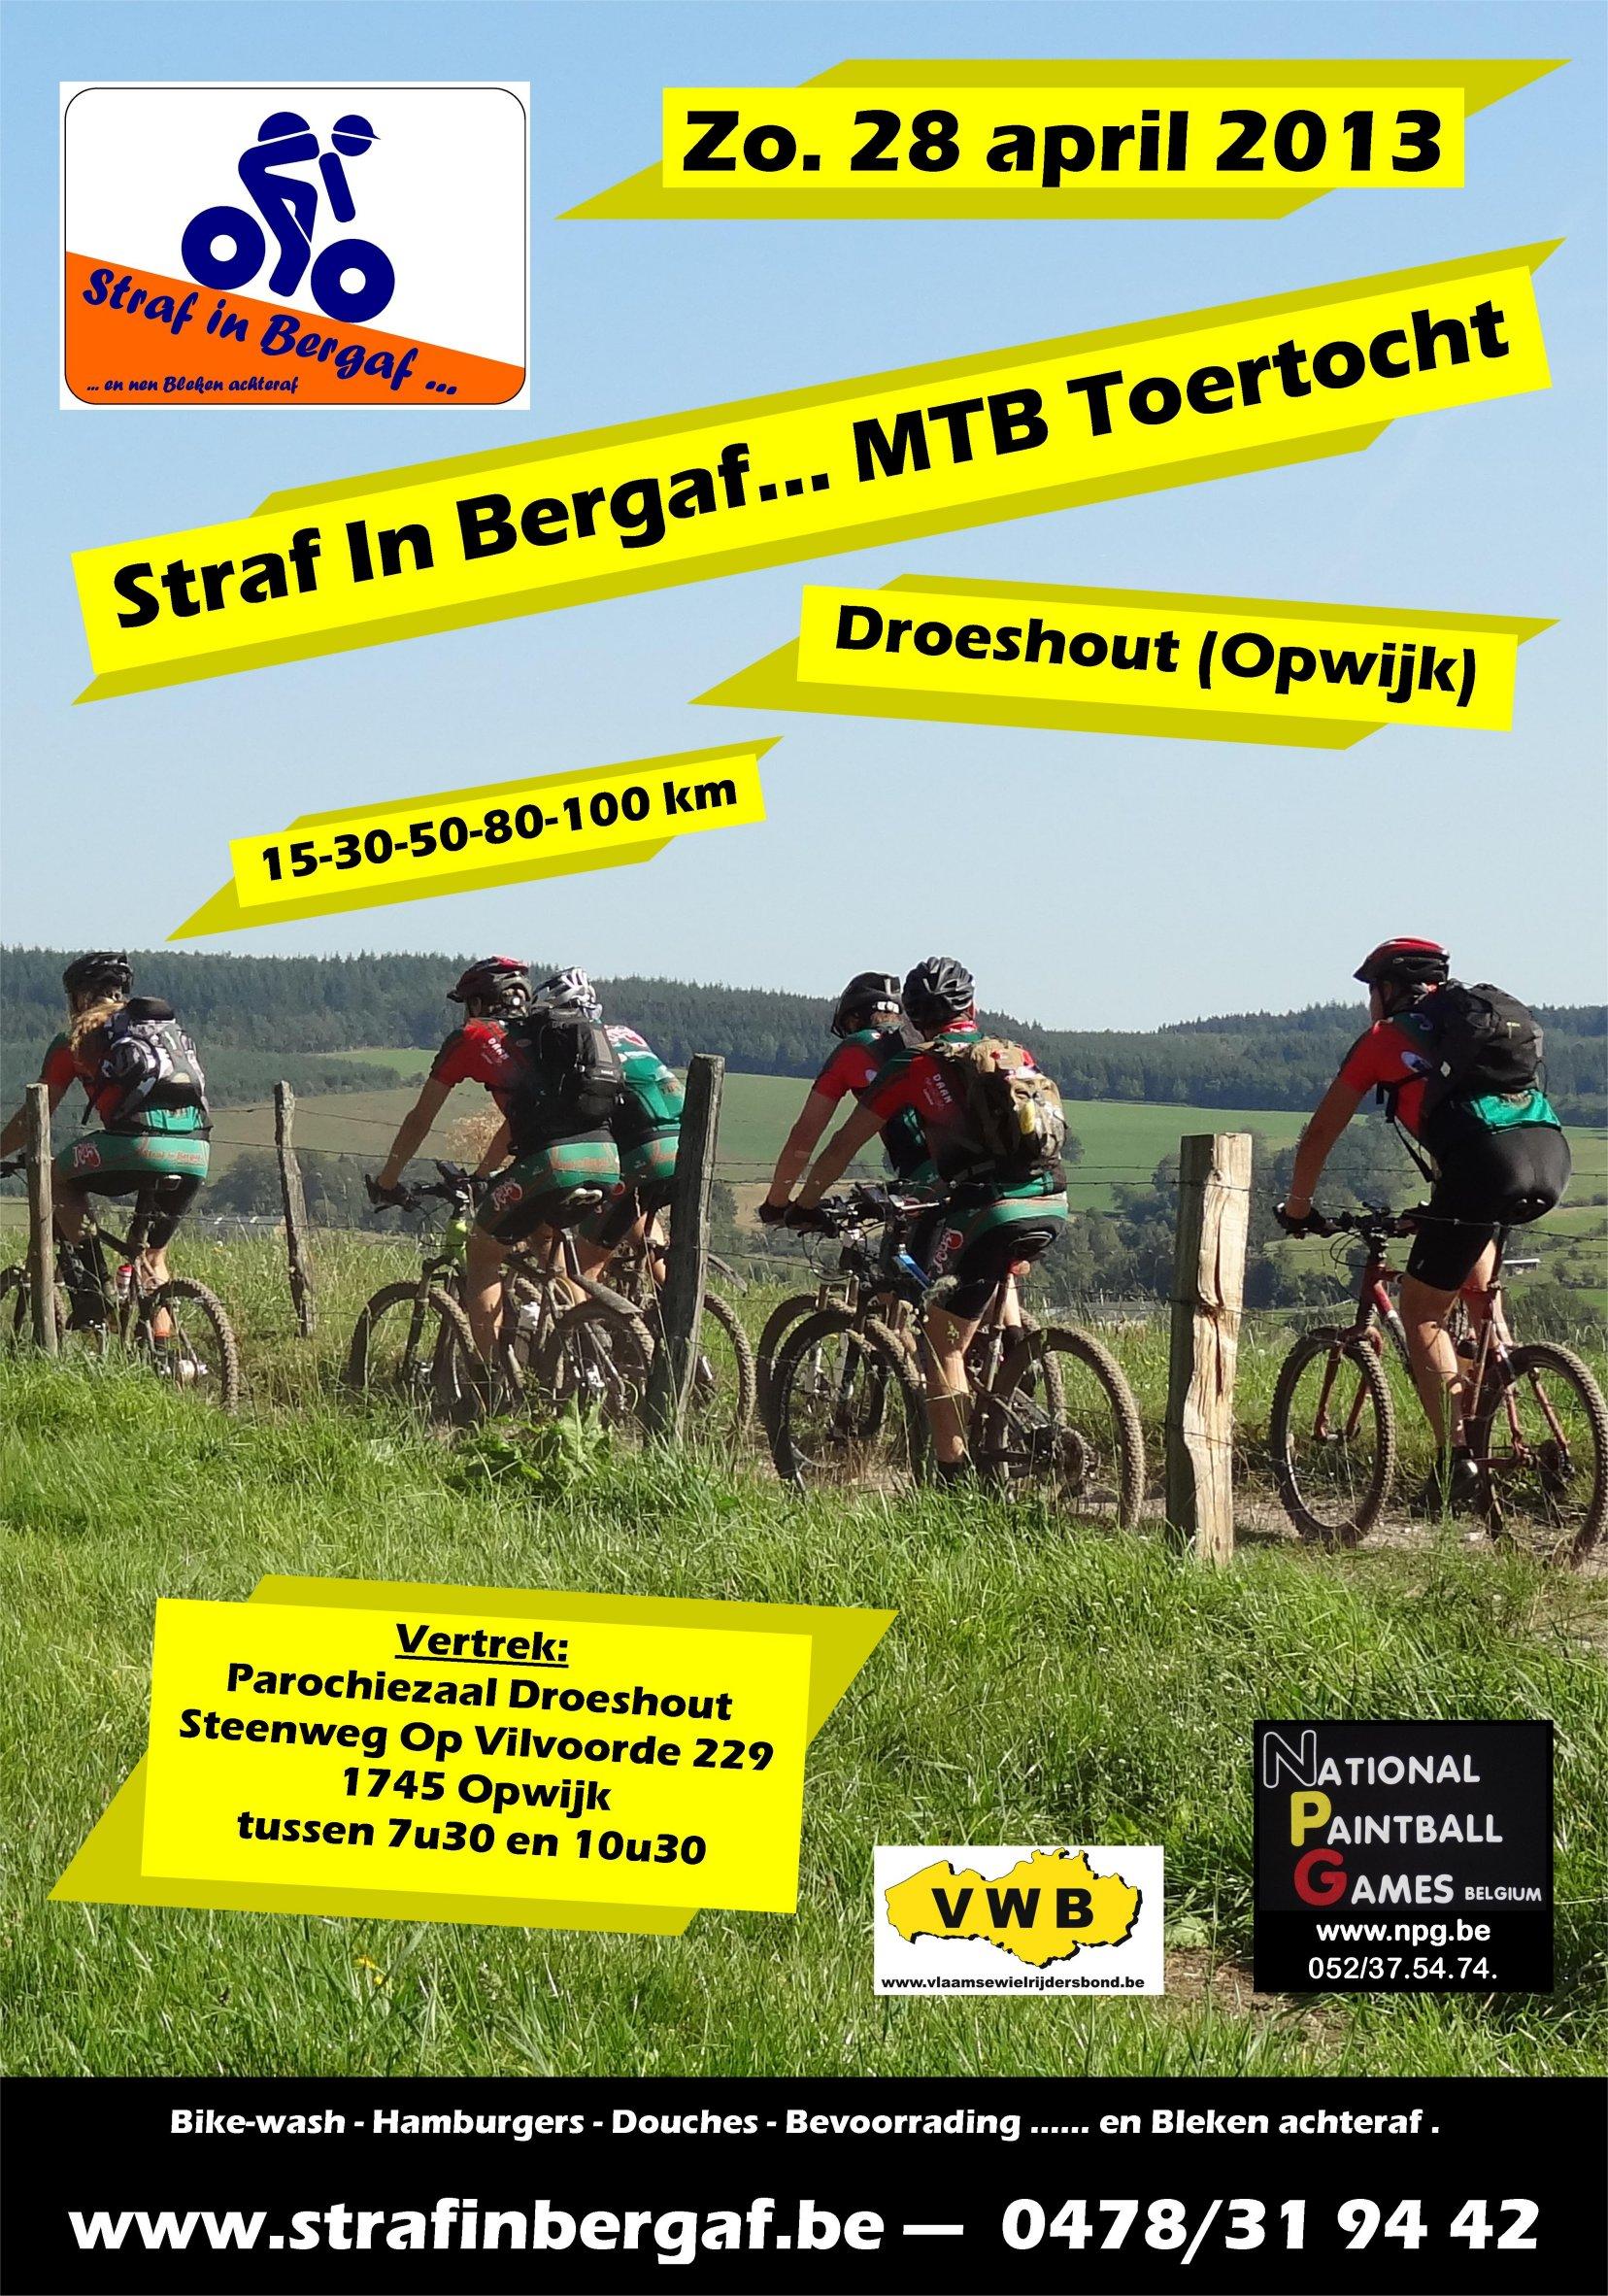 http://www.strafinbergaf.be/TT-2013/Flyer/Flyer-TT2013S.jpg